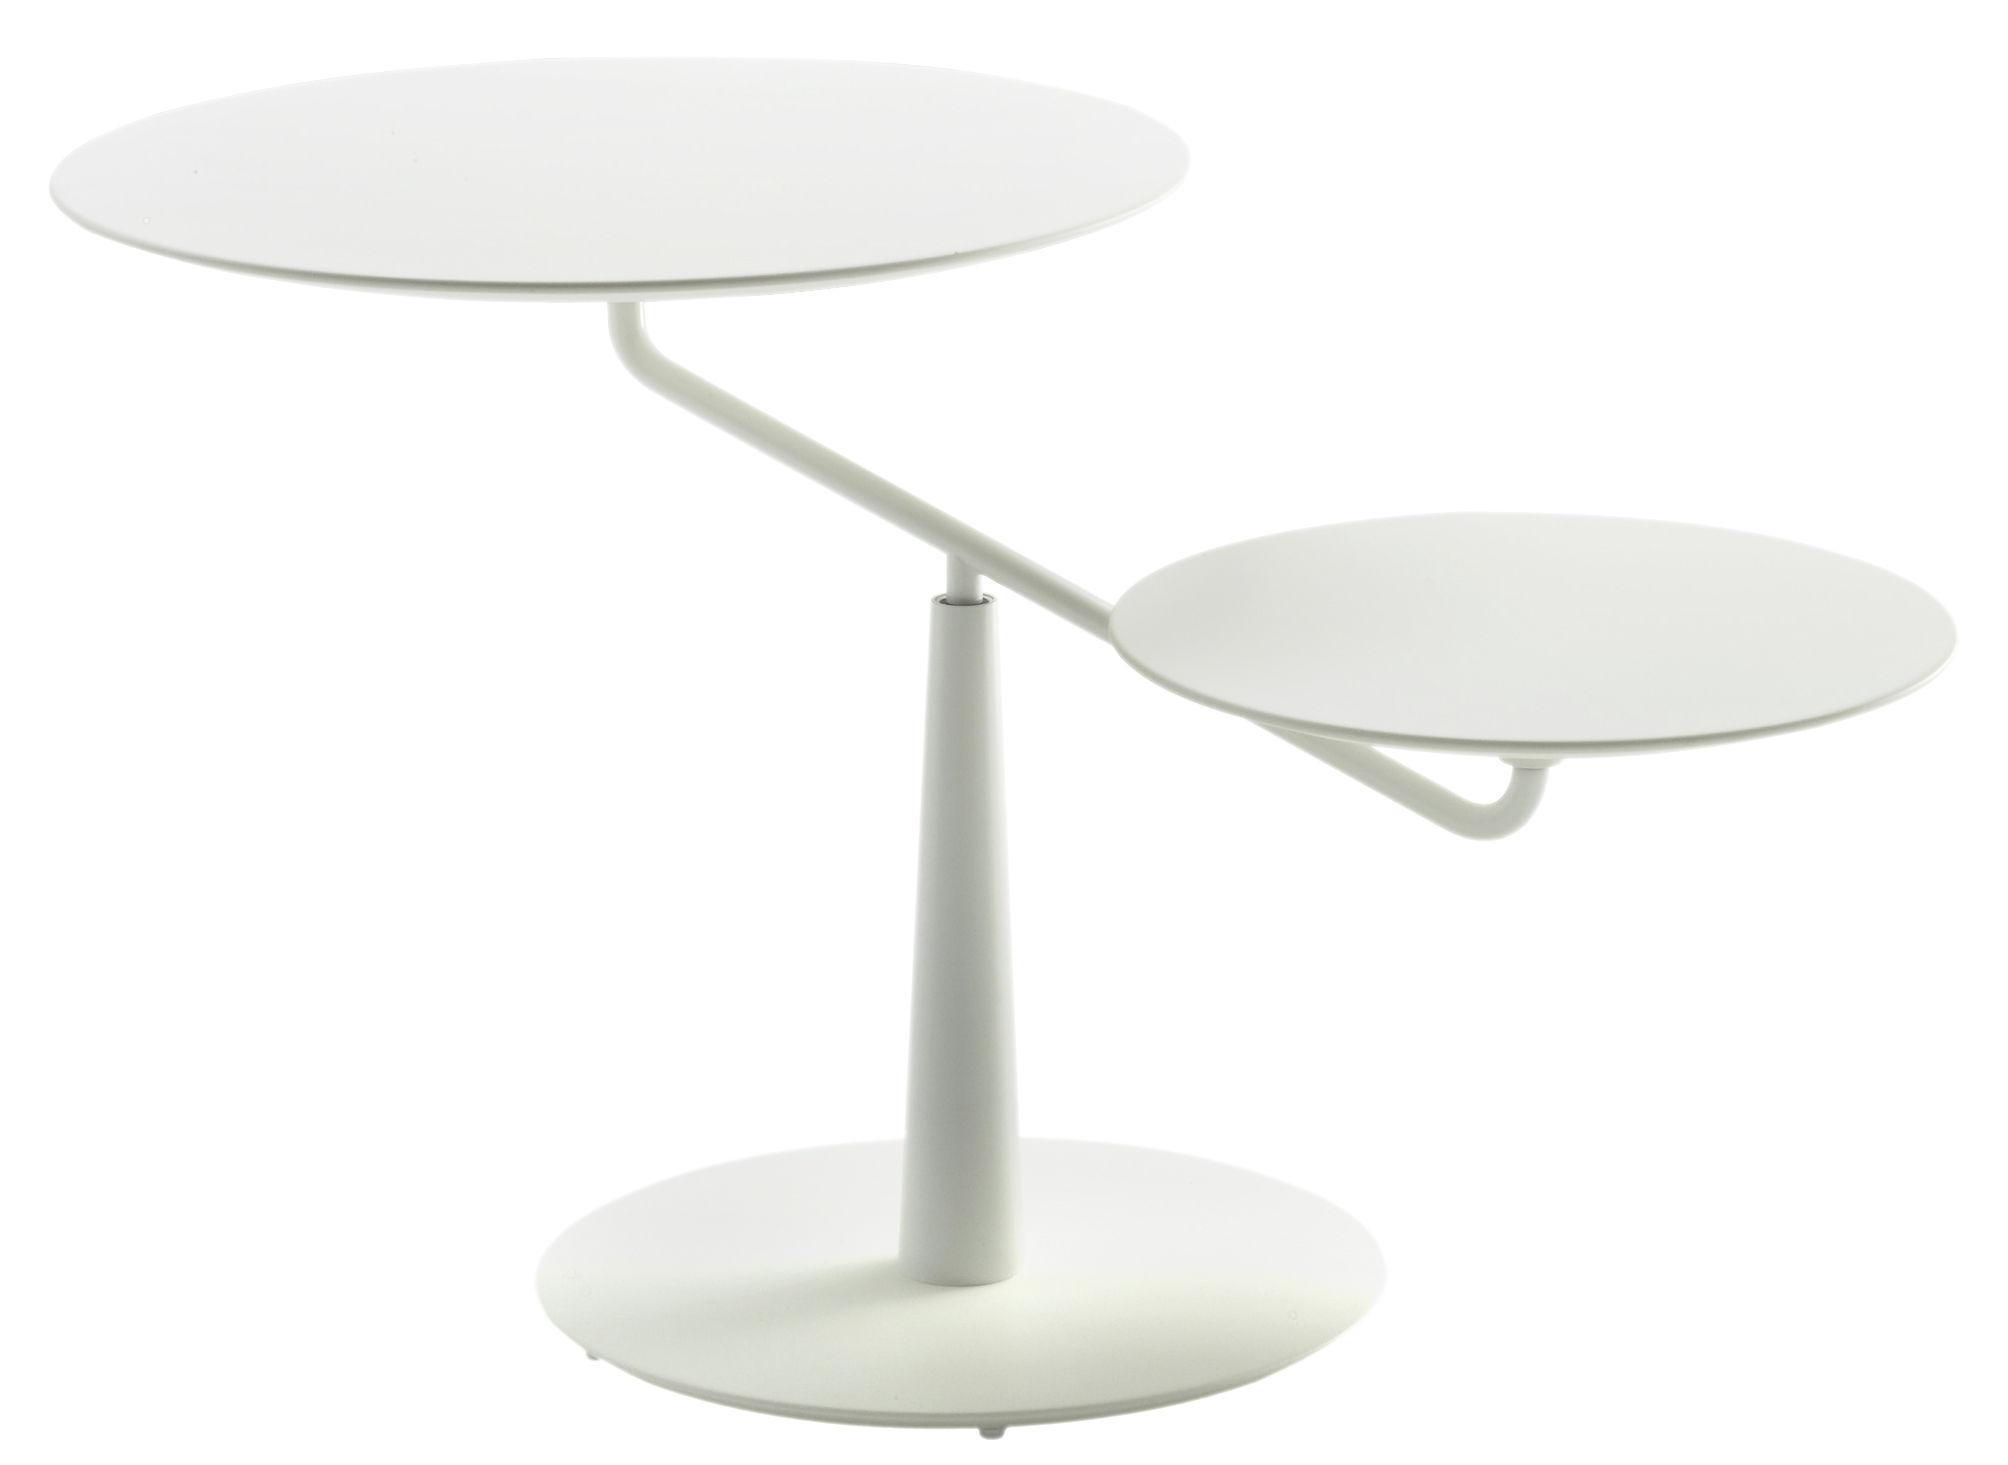 Table Basse Saturno 2 Plateaux Pivotants Blanc De Padova